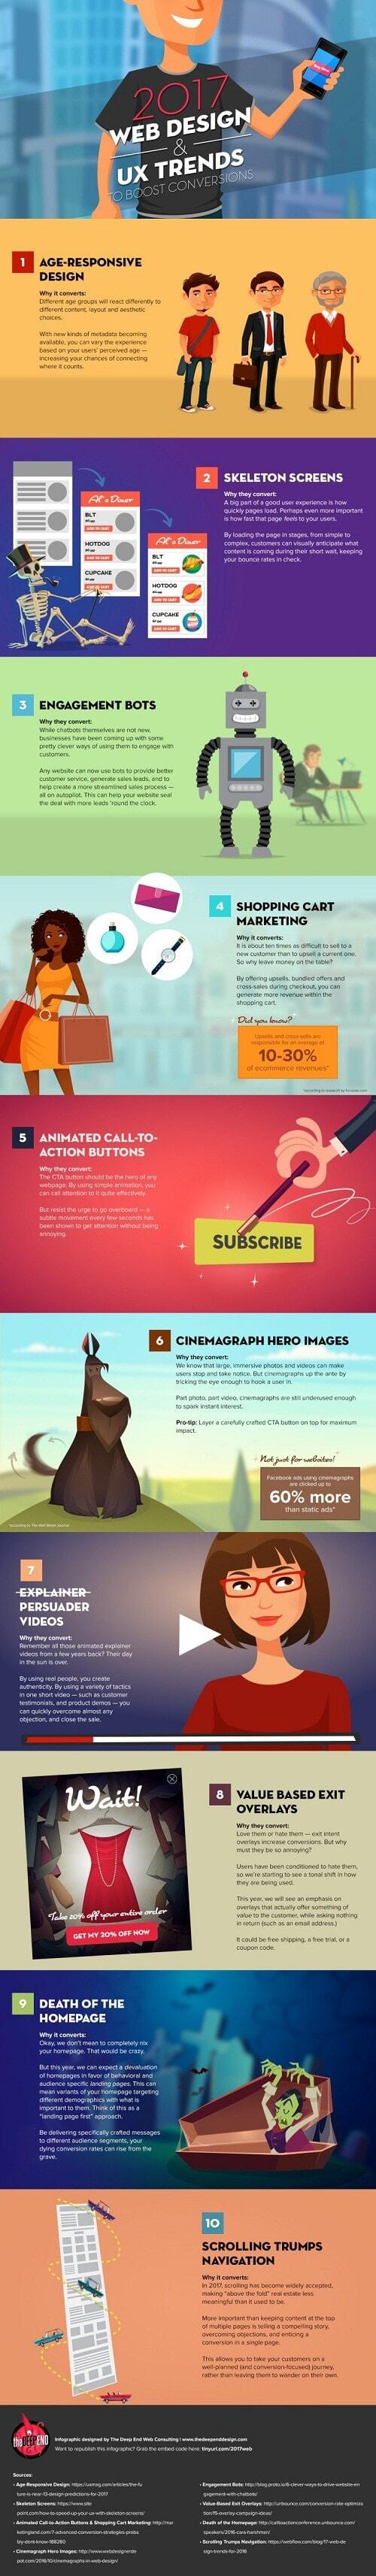 Tendencias de diseño que impulsan conversiones #infografía